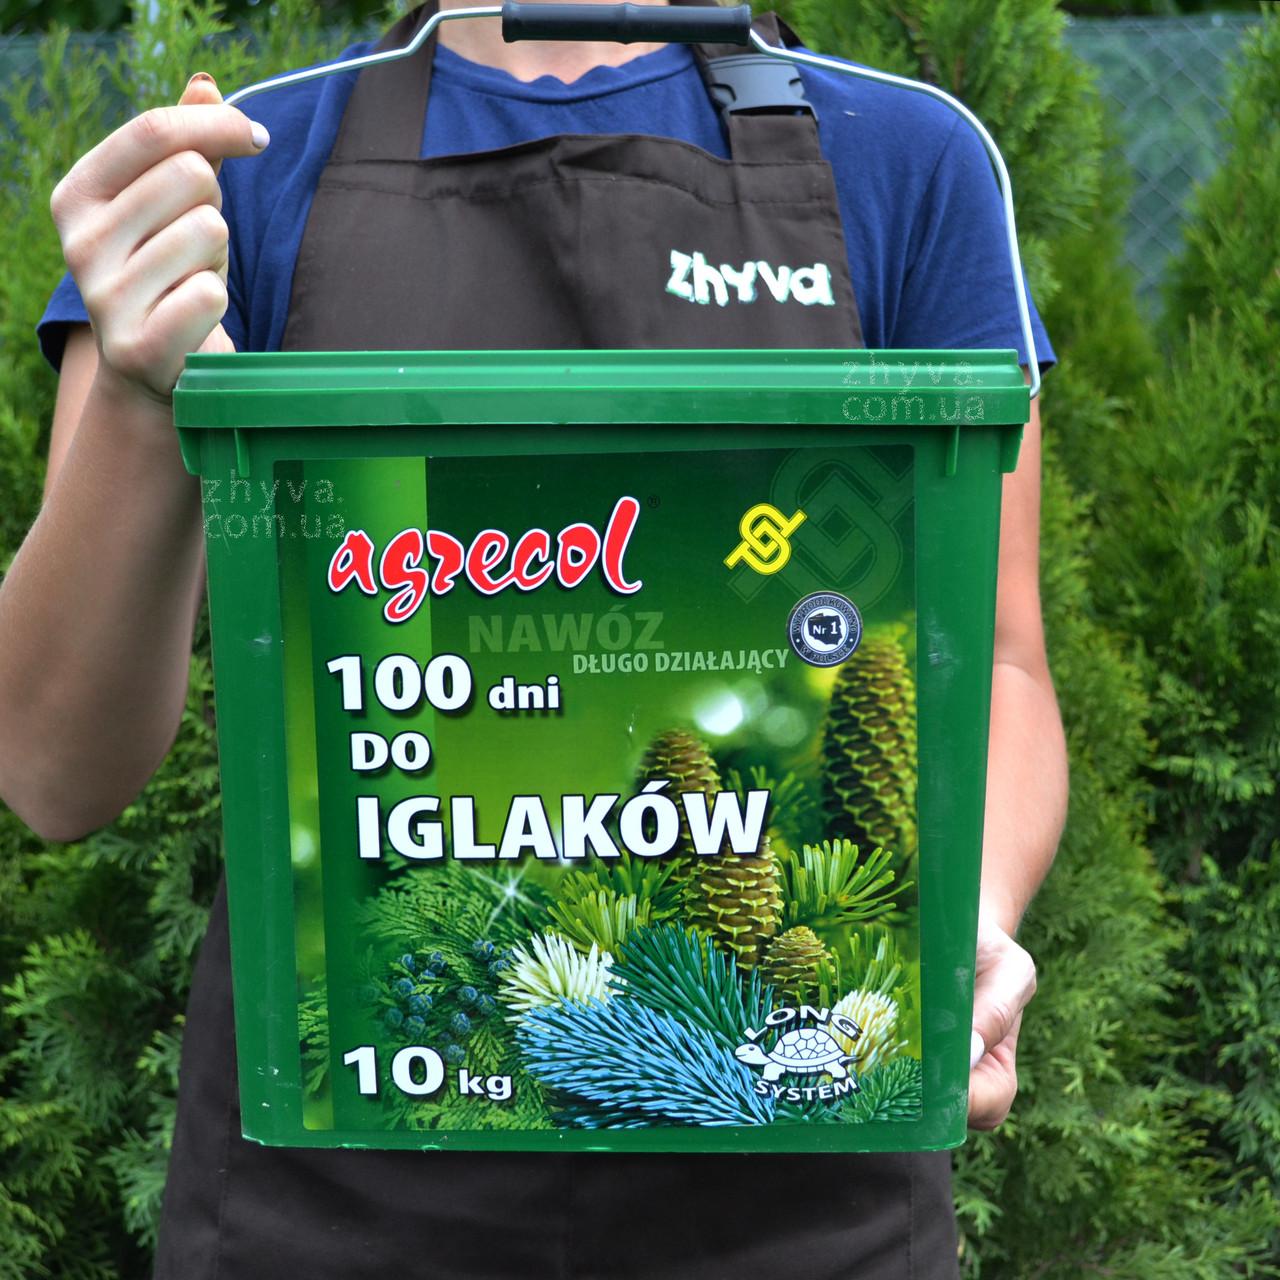 Добриво Argecol 100 днів для хвойних рослин тривалої дії 10кг